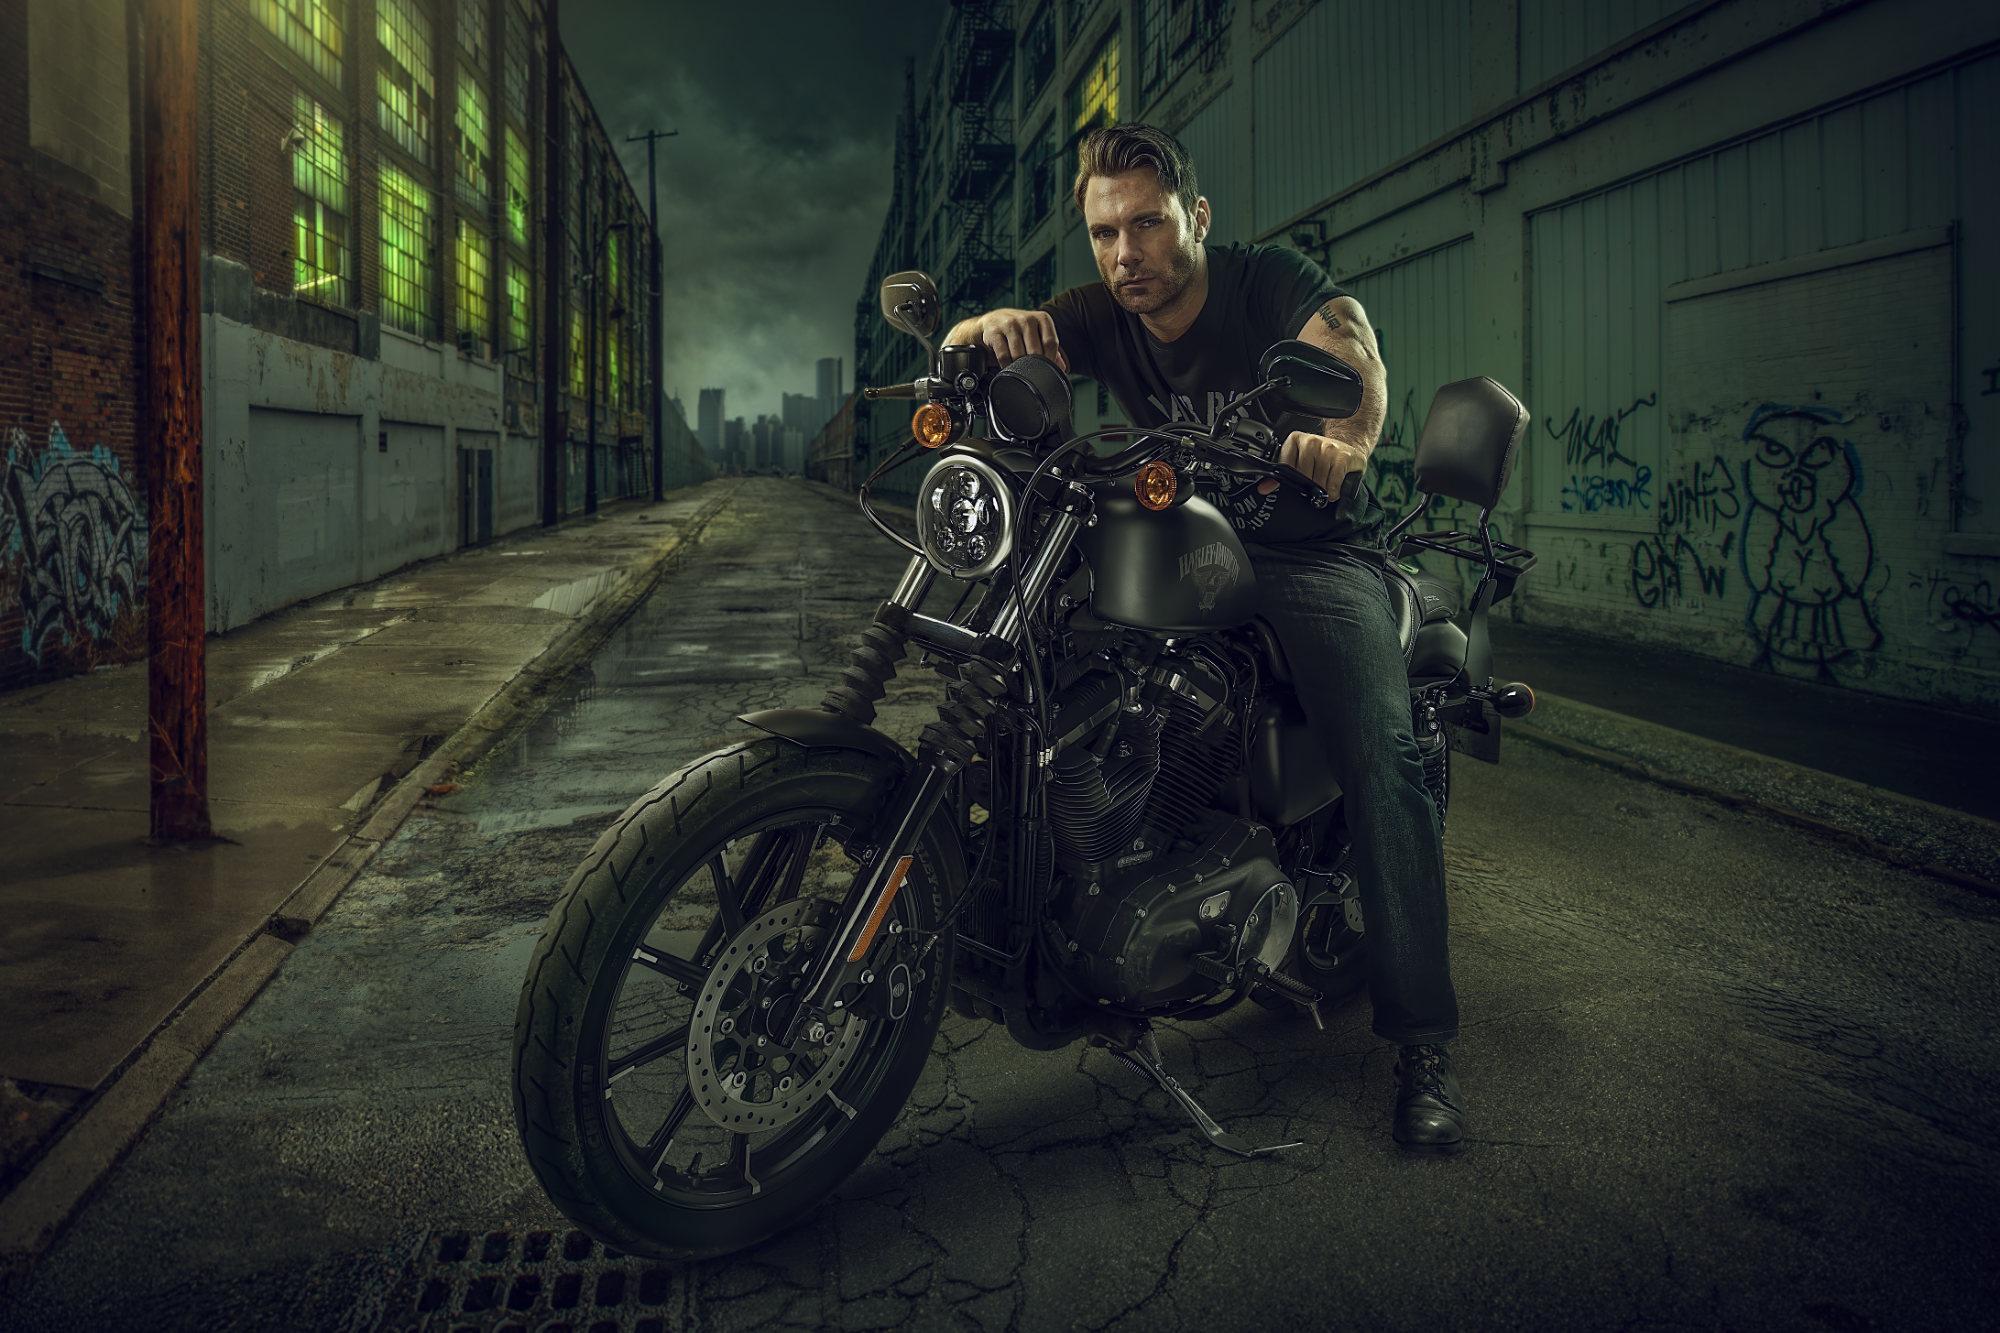 Chris Clor - guy on Harley Davidson